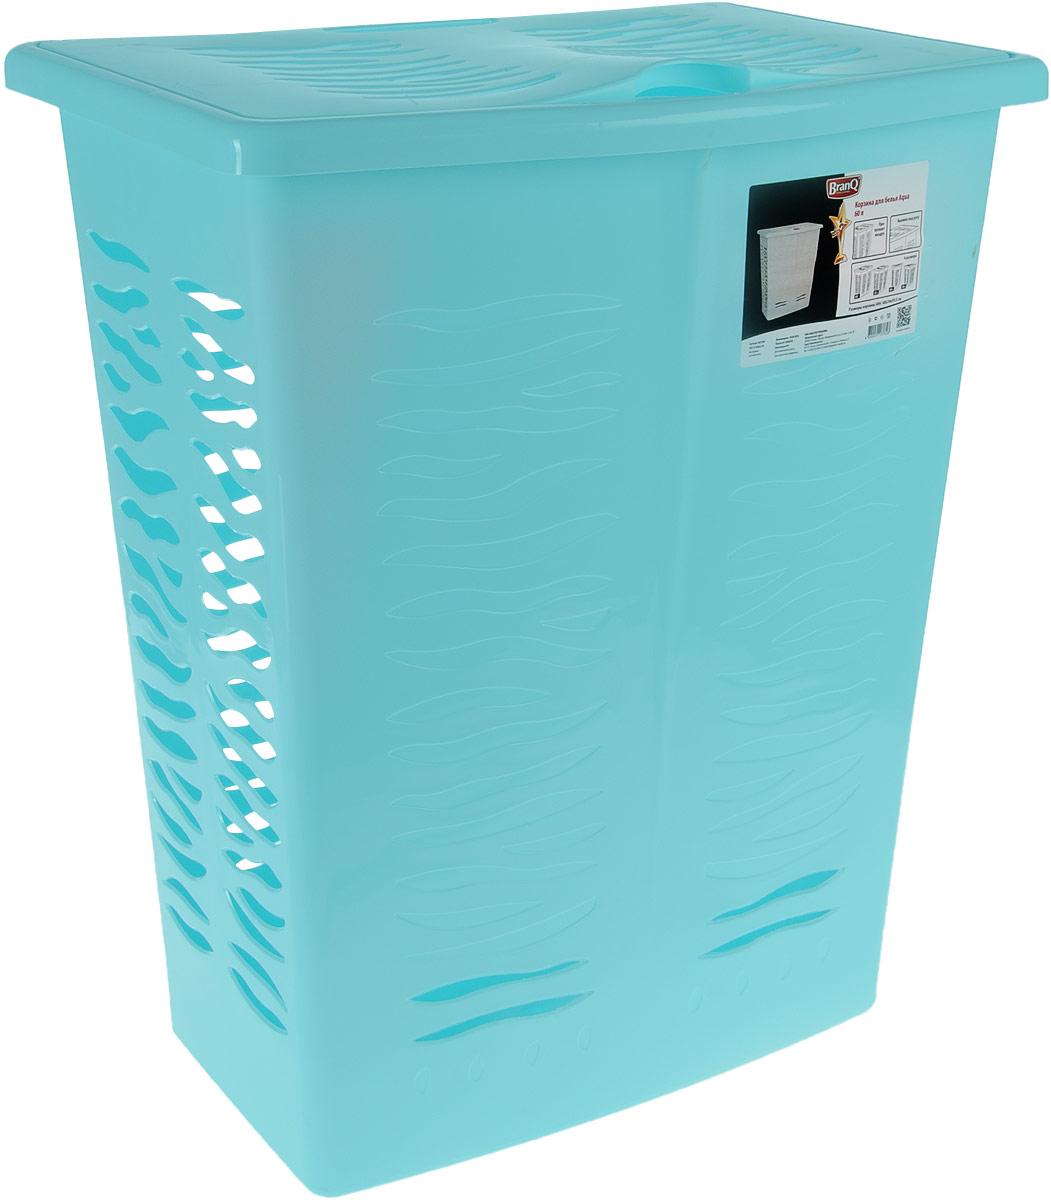 Корзина для белья BranQ Aqua, цвет: бирюзовый, 60 лBQ1708БРЗКорзина для белья BranQ Aqua изготовлена из прочного полипропилена и оформлена перфорированными отверстиями, благодаря которым обеспечивается естественная вентиляция. Корзина оснащена крышкой и ручкой для переноски. На крышке имеется выемка для удобного открывания крышки. Такая корзина для белья прекрасно впишется в интерьер ванной комнаты.